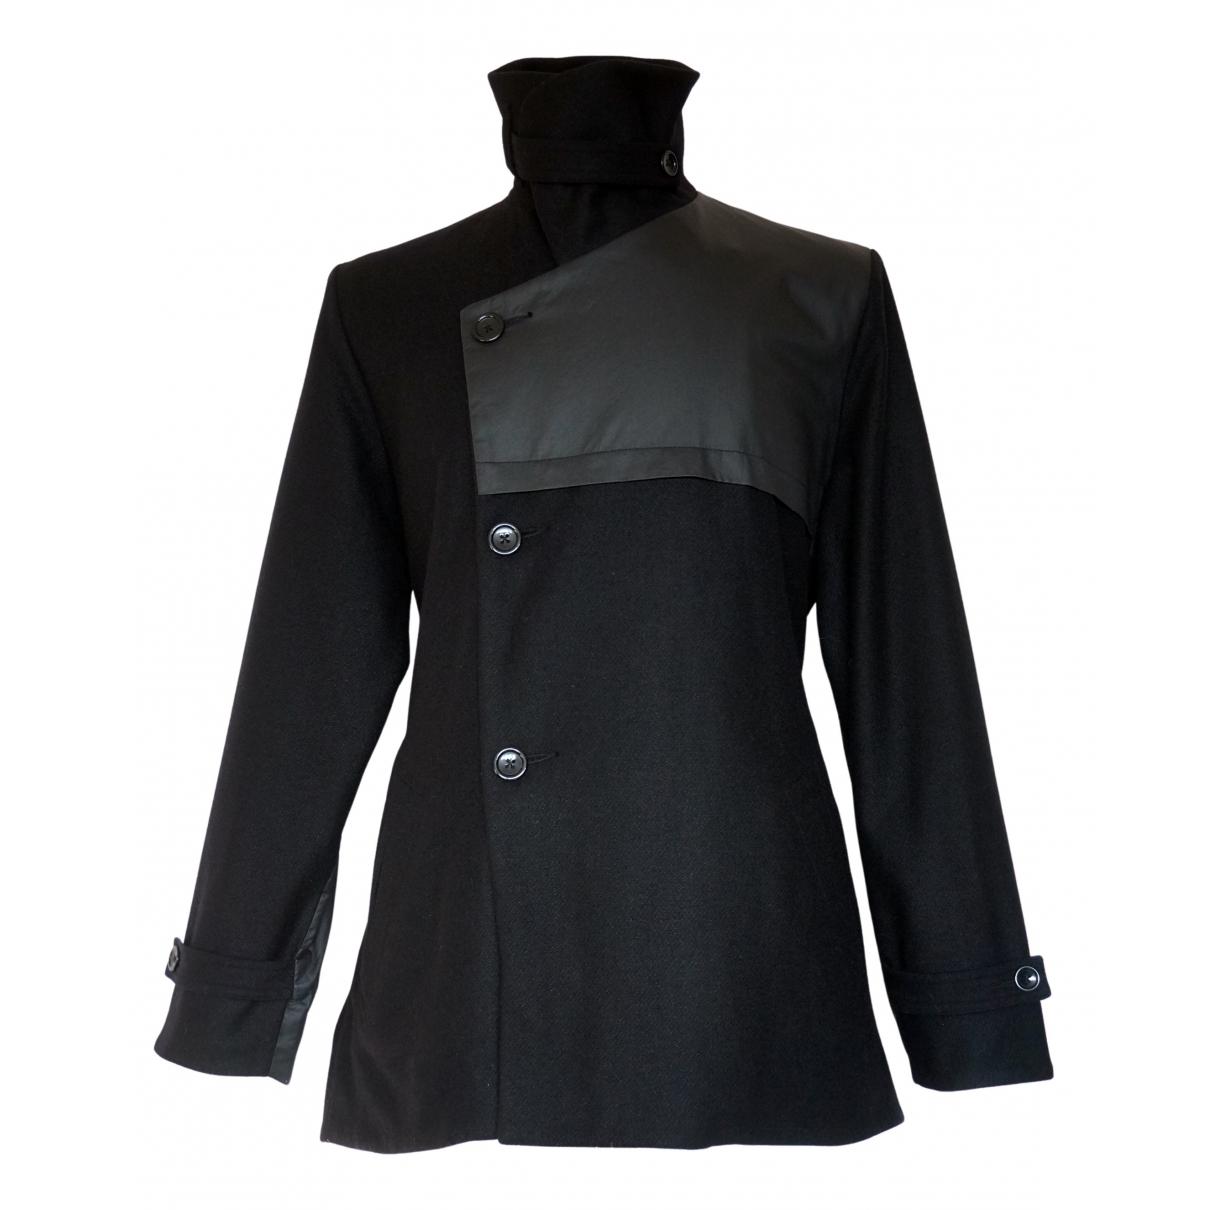 Henrik Vibskov - Manteau   pour homme en laine - noir